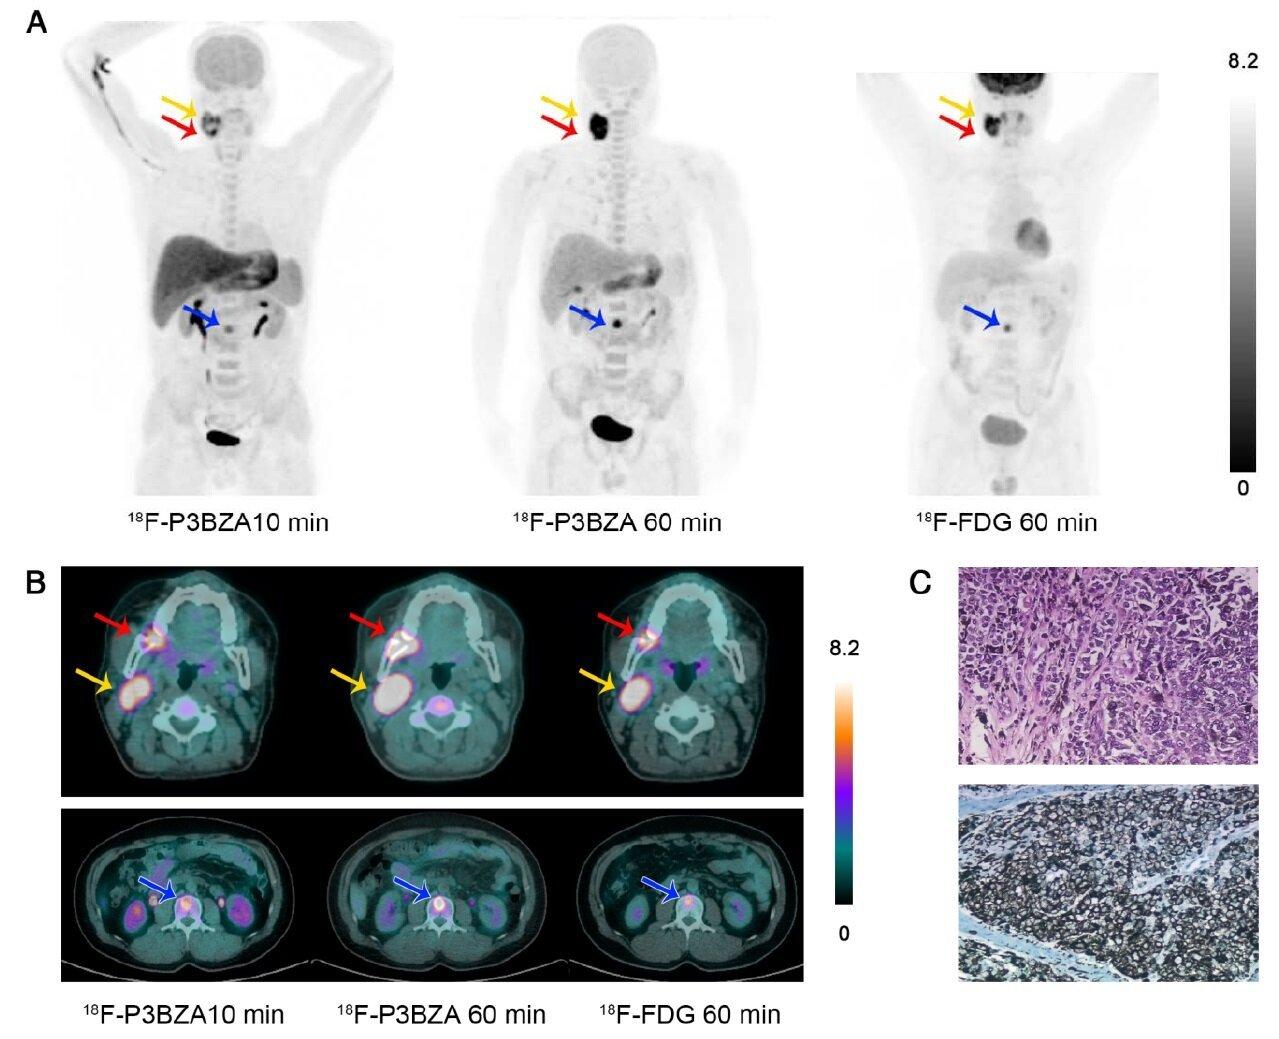 Neue PET-Sonde könnte verbessern die Erkennung von primären und metastasierten Melanomen